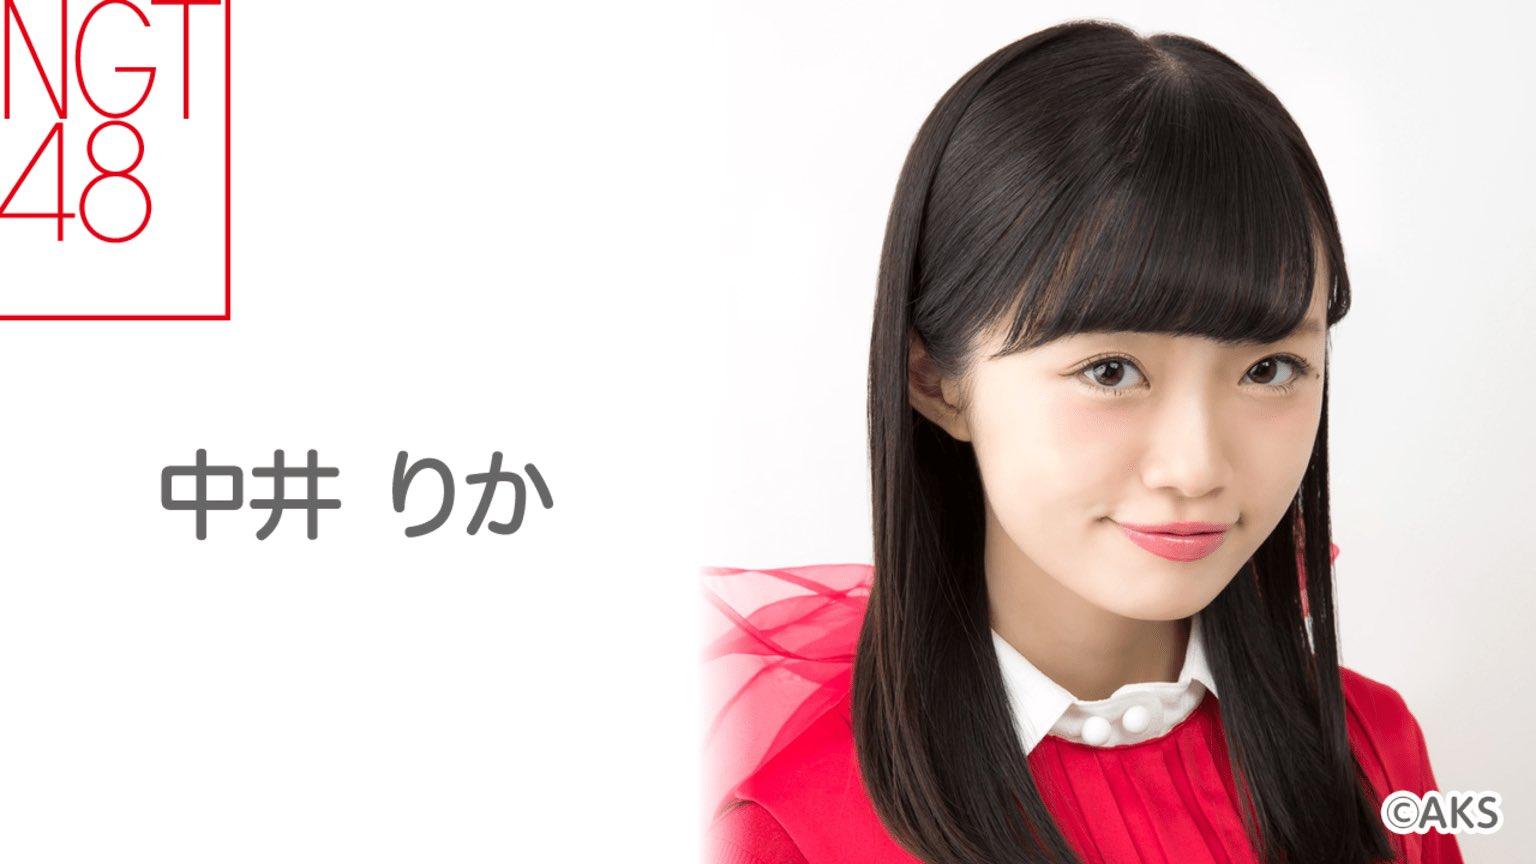 【悲報】HKTメンが総じて紅白落選スルーな件【HKT48】 他